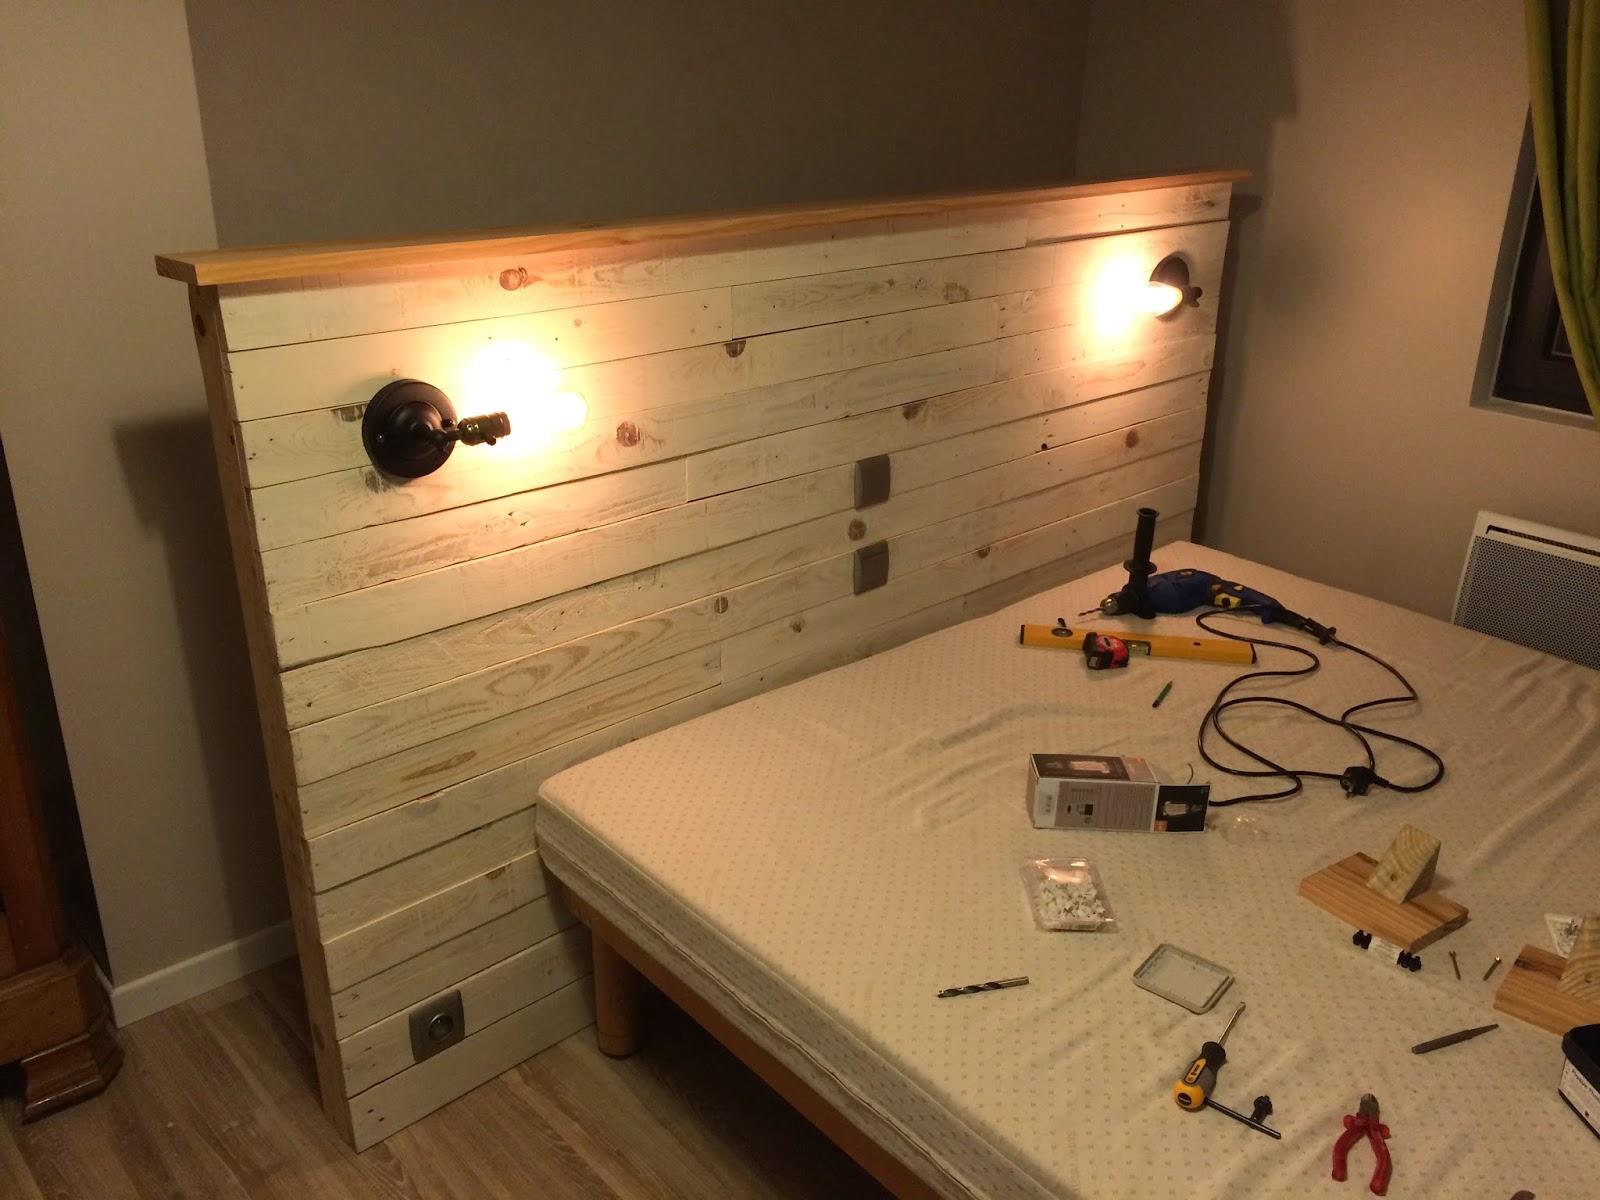 Comment faire une t te de lit en bois de palette - Comment faire une tete de lit en palette ...